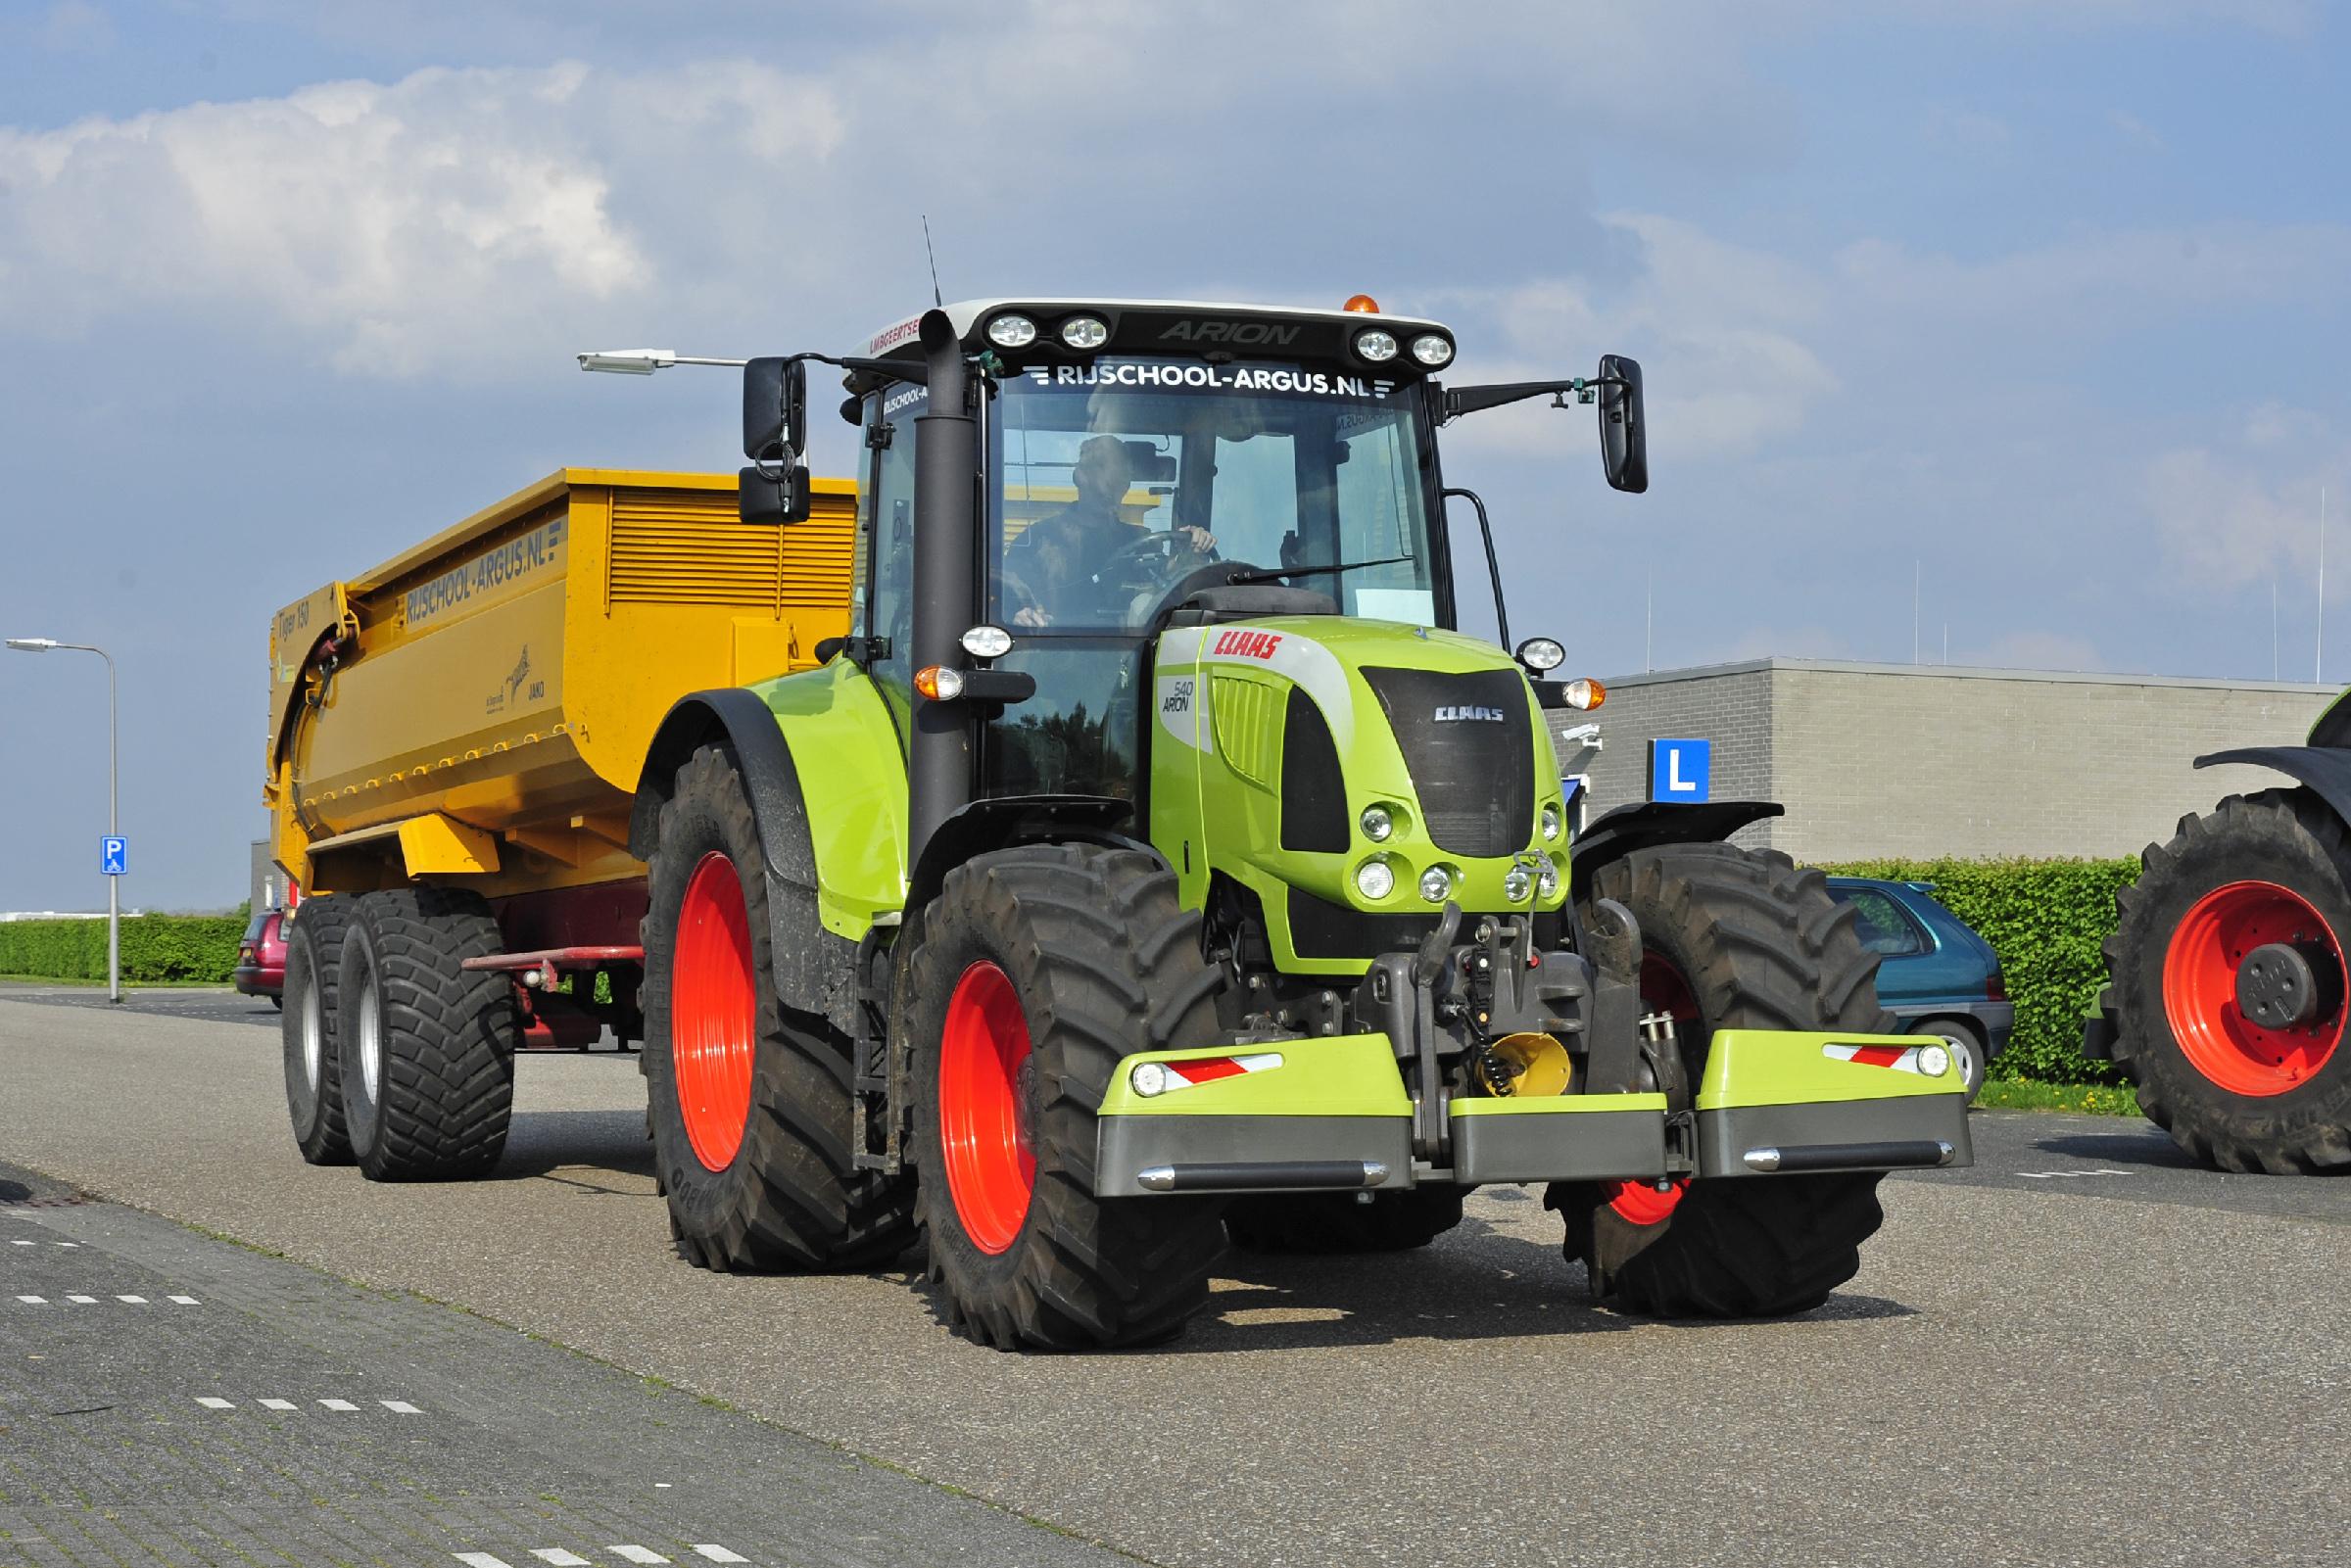 https://www.rijschoolpro.nl/wp-content/uploads/2016/09/20140422-vakdag-Landbouwverkeer-politie-Lelystad-013-2x3-Hero-Dijkema.jpg